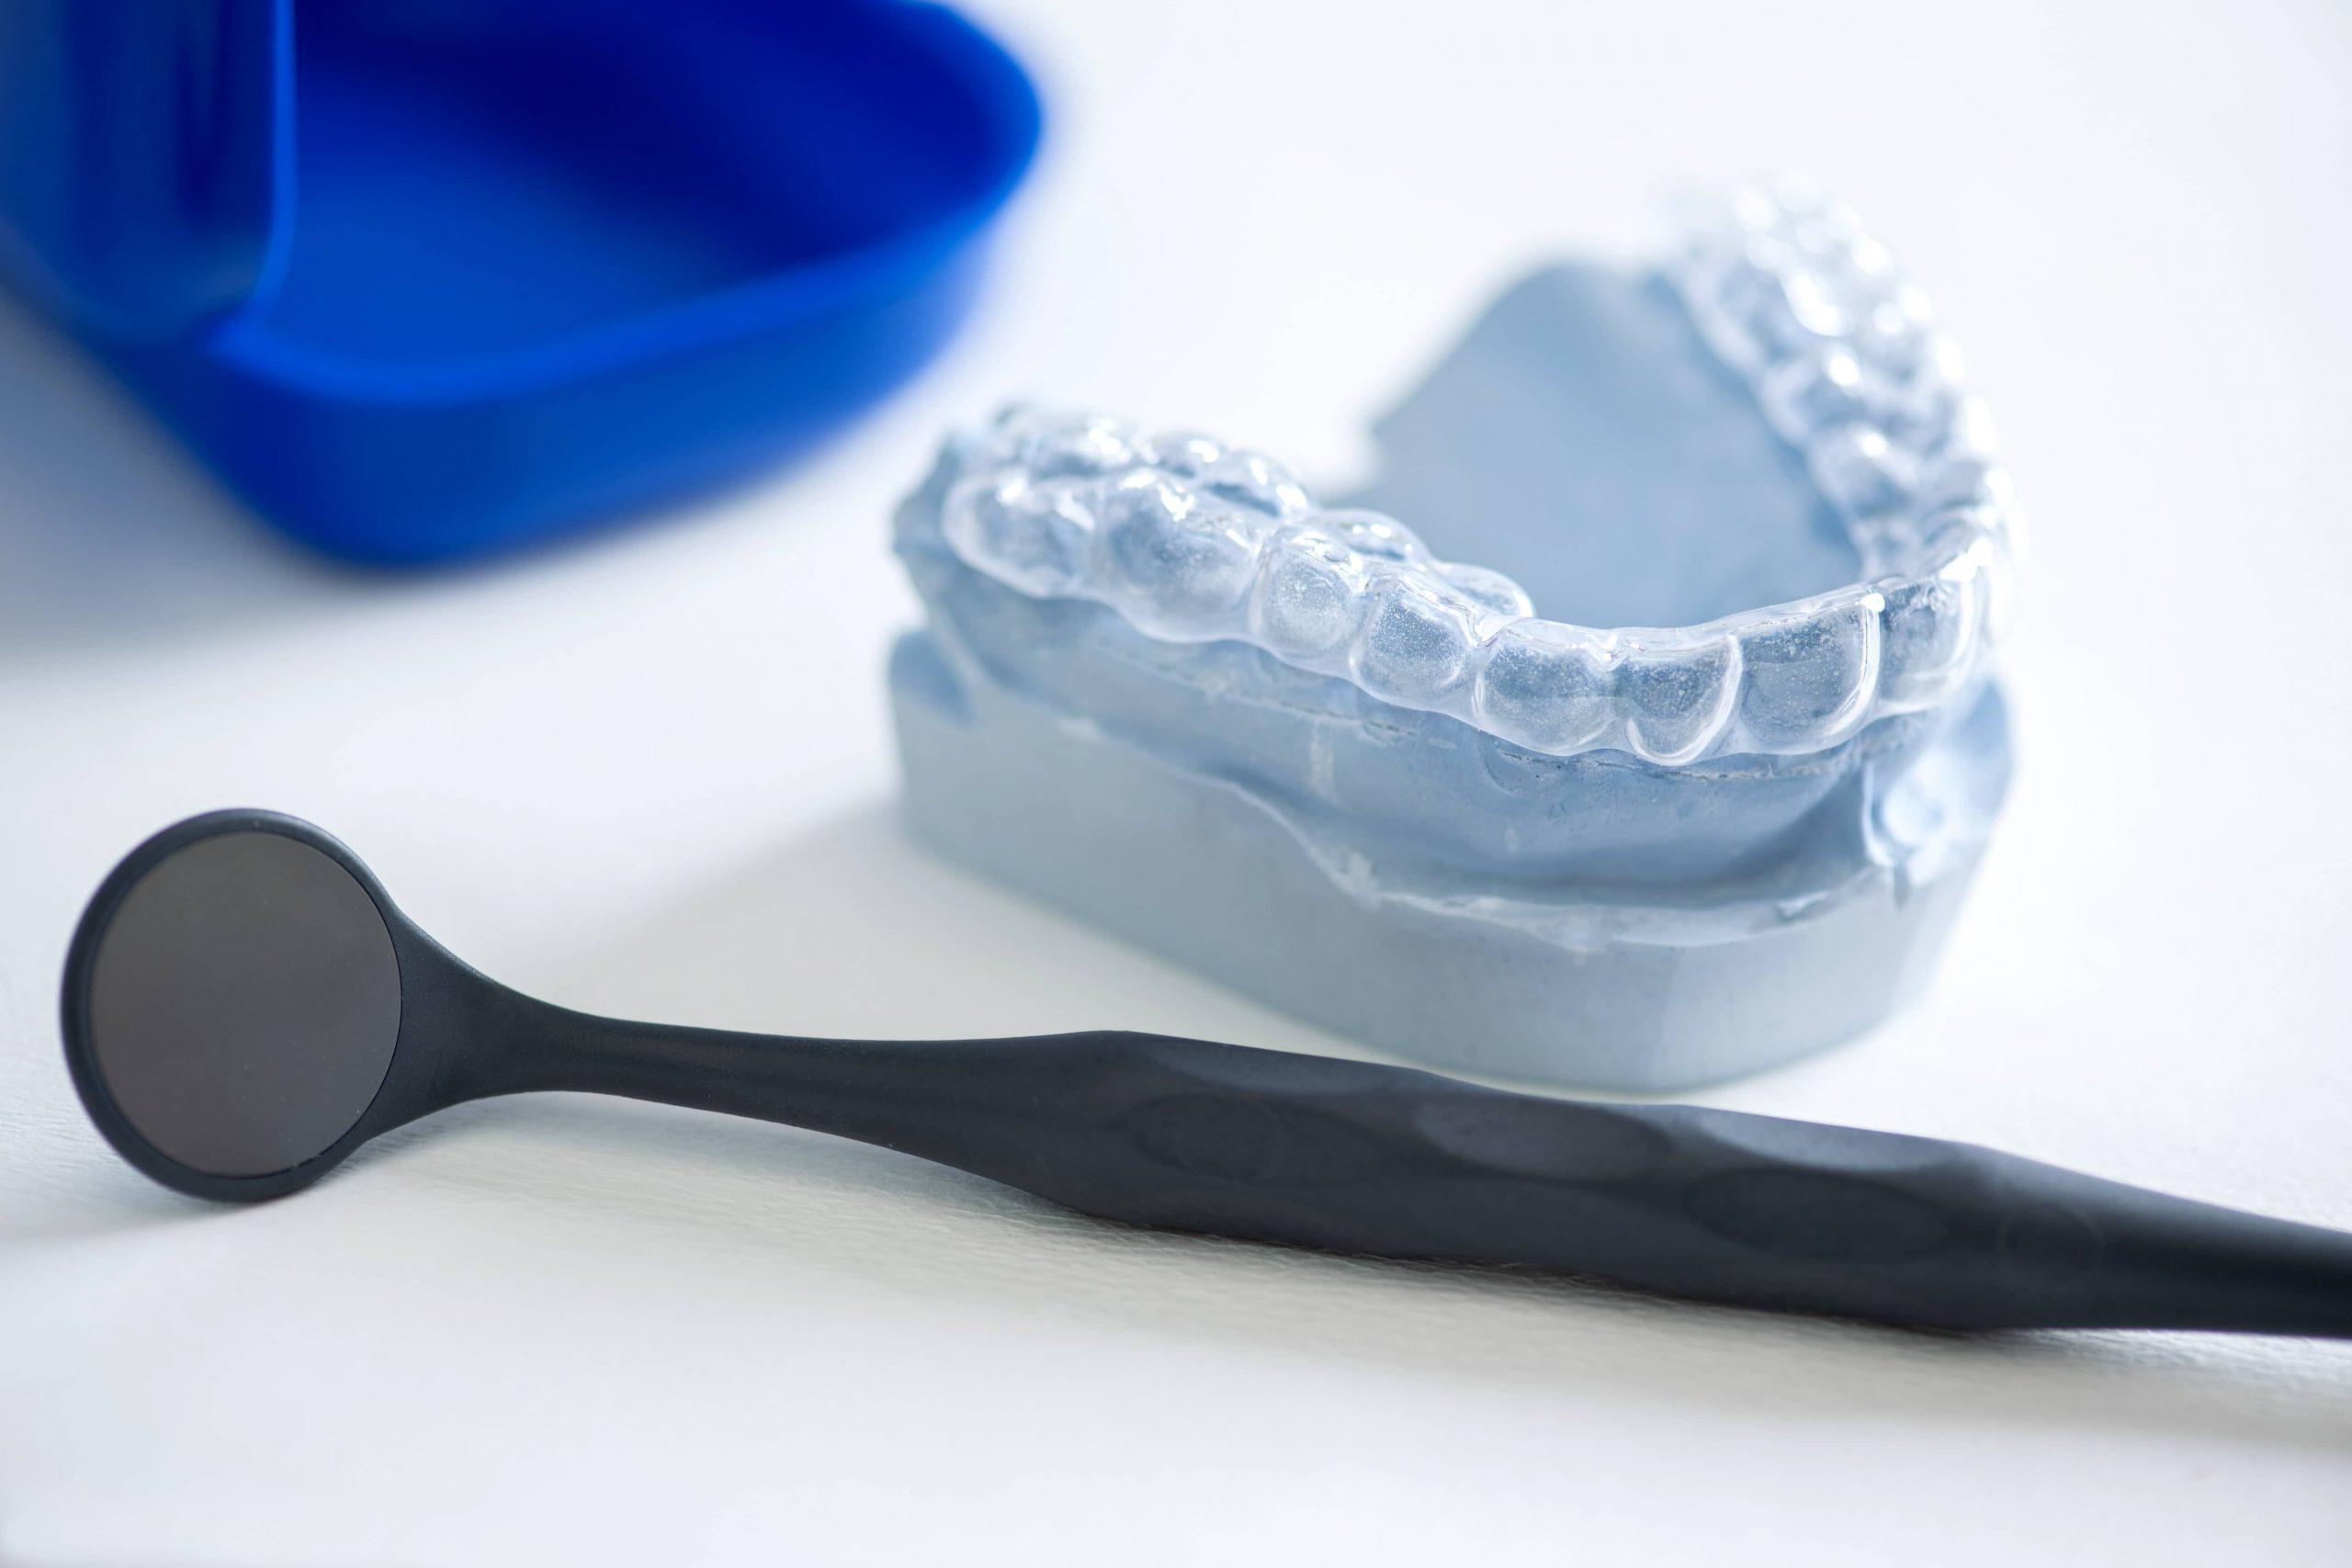 Zahnschiene gegen Zähneknirschen